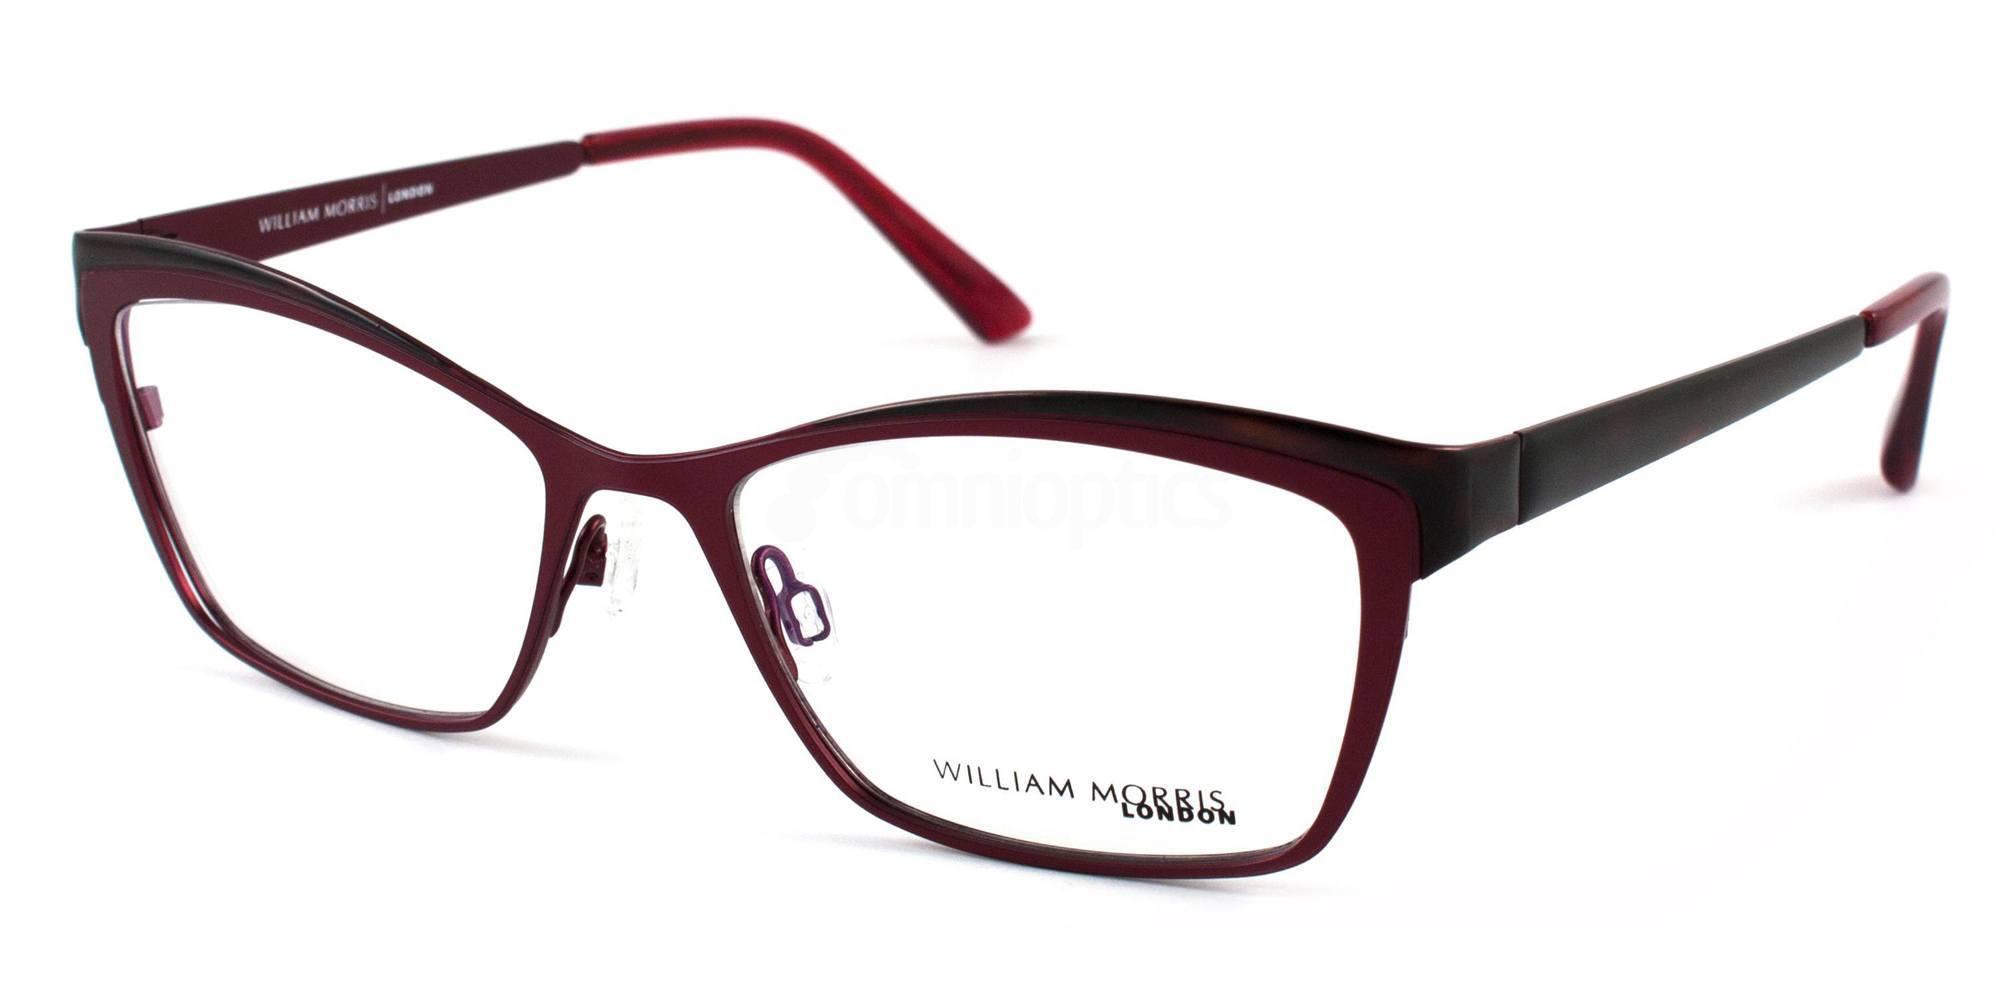 C1 WL4130 , William Morris London